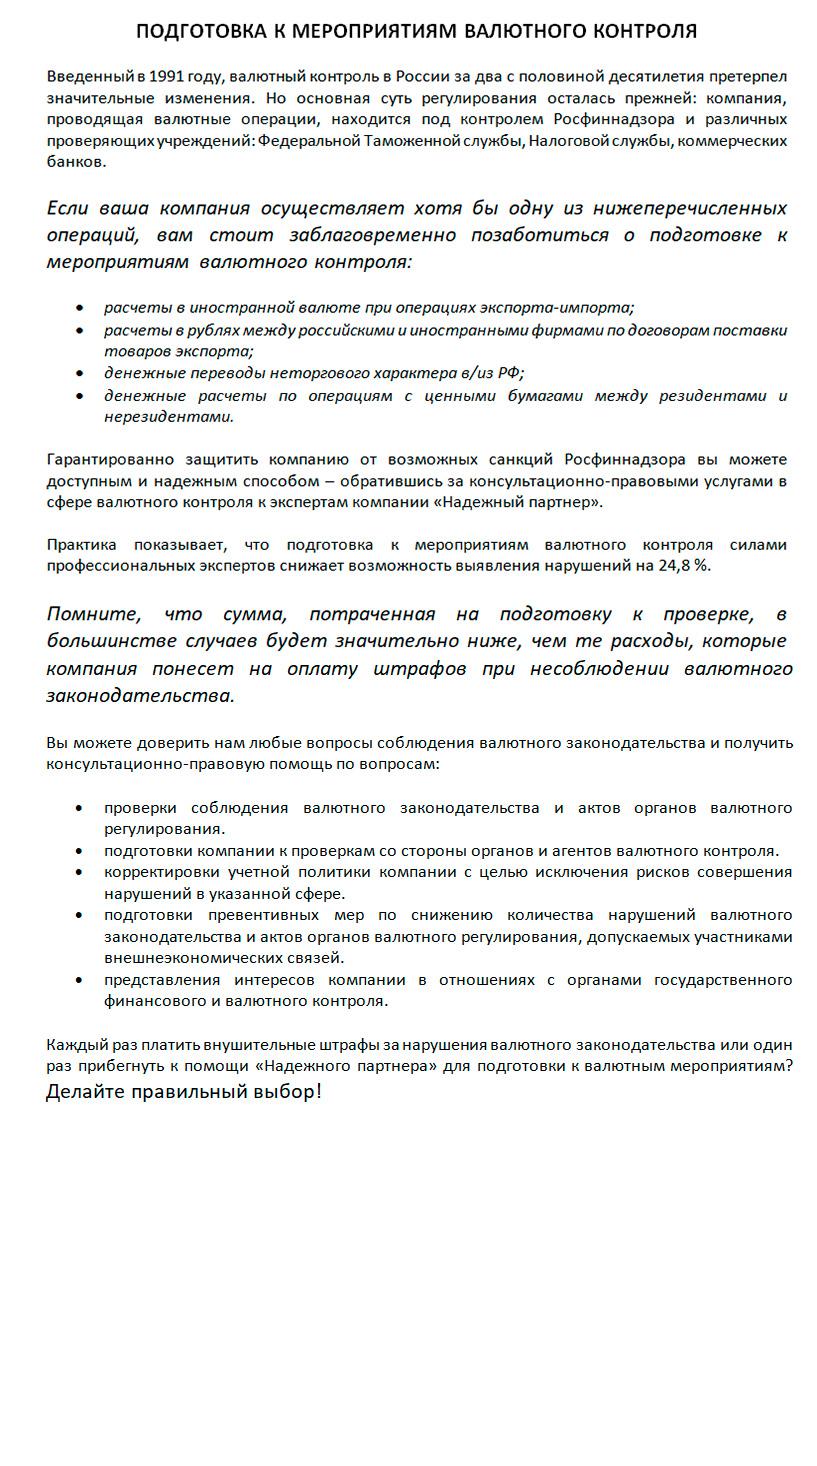 Сео-текст о подготовке к мероприятиям валютного контроля